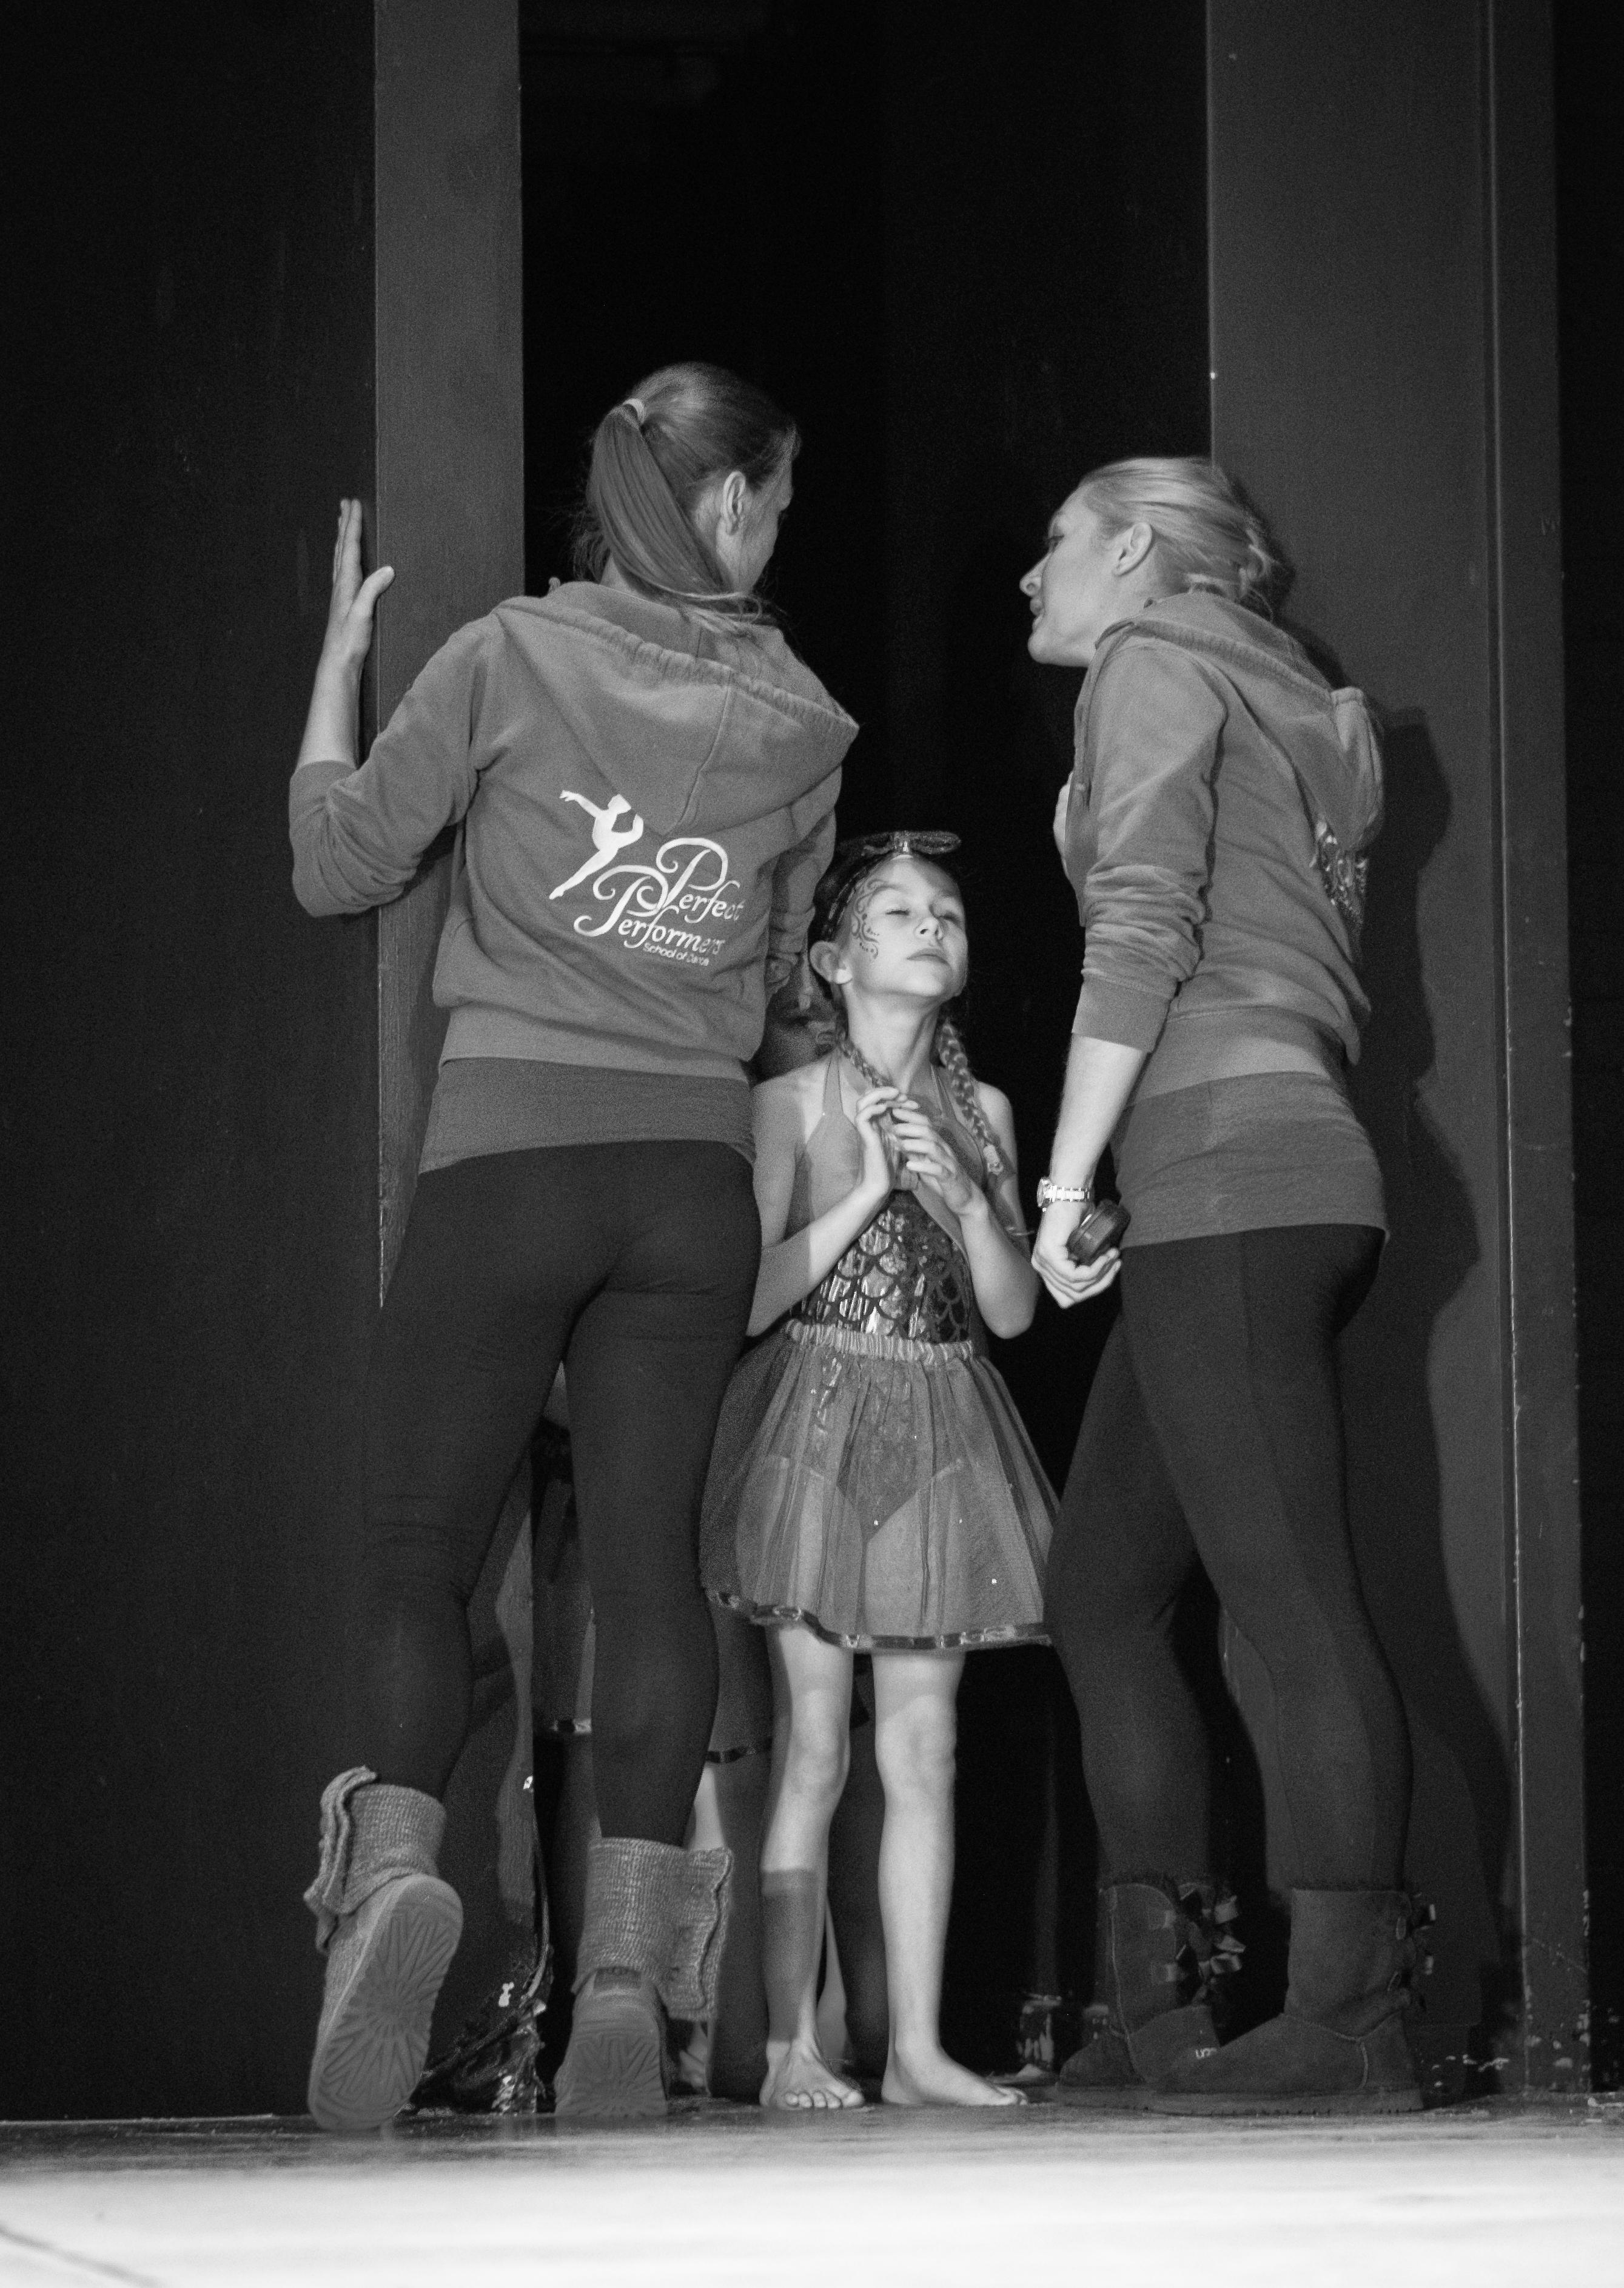 Dance rehearsal day